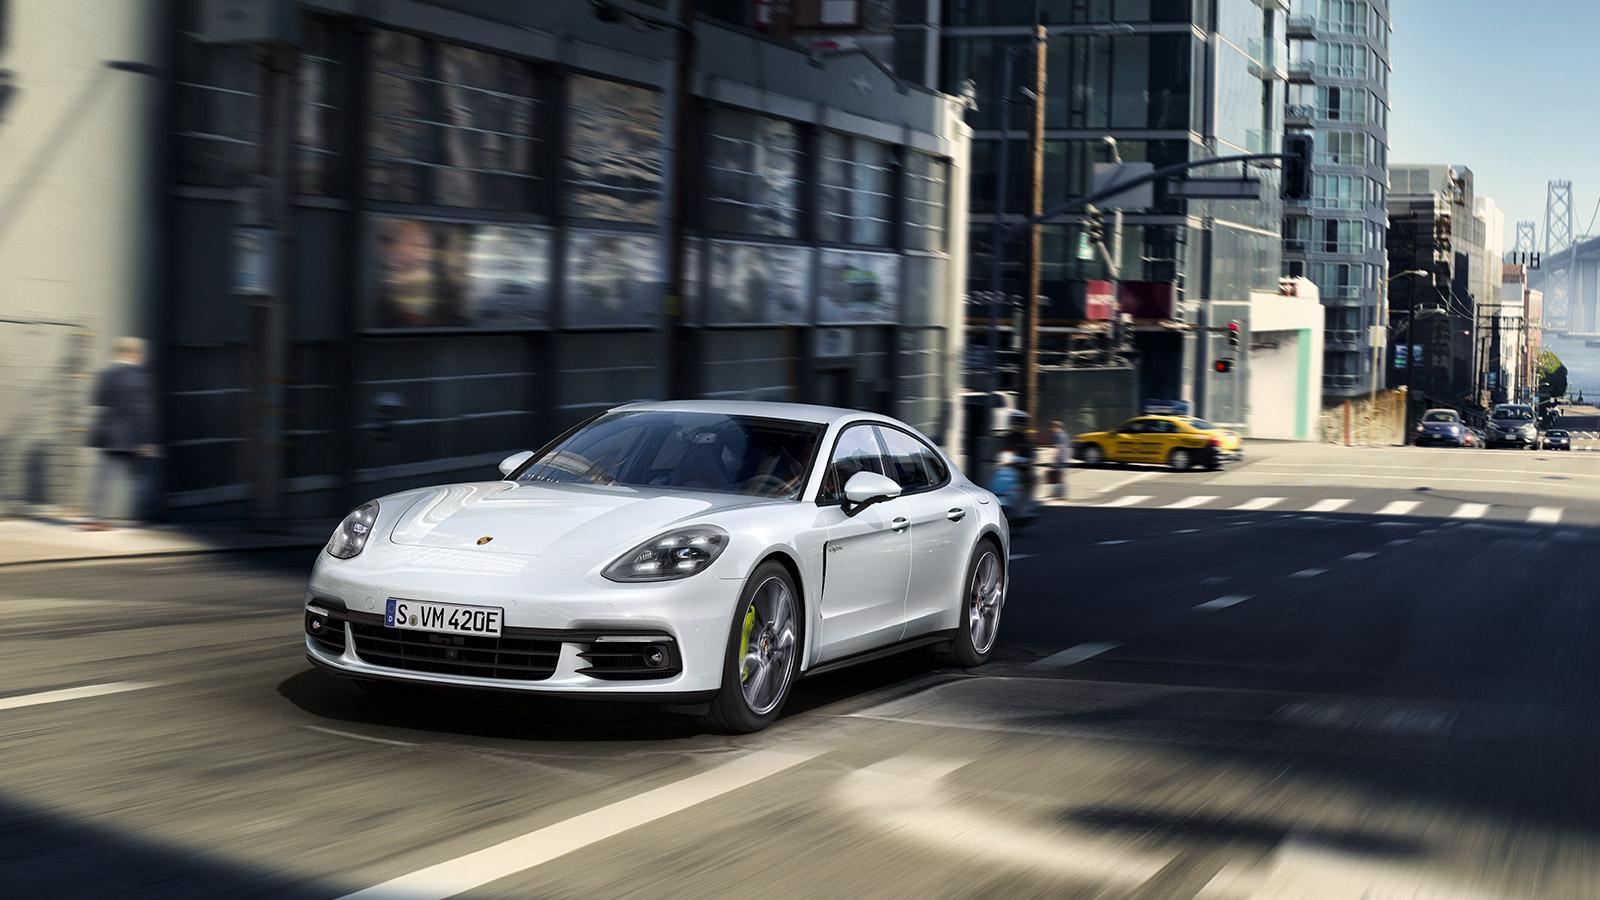 Porsche 驾驶模式